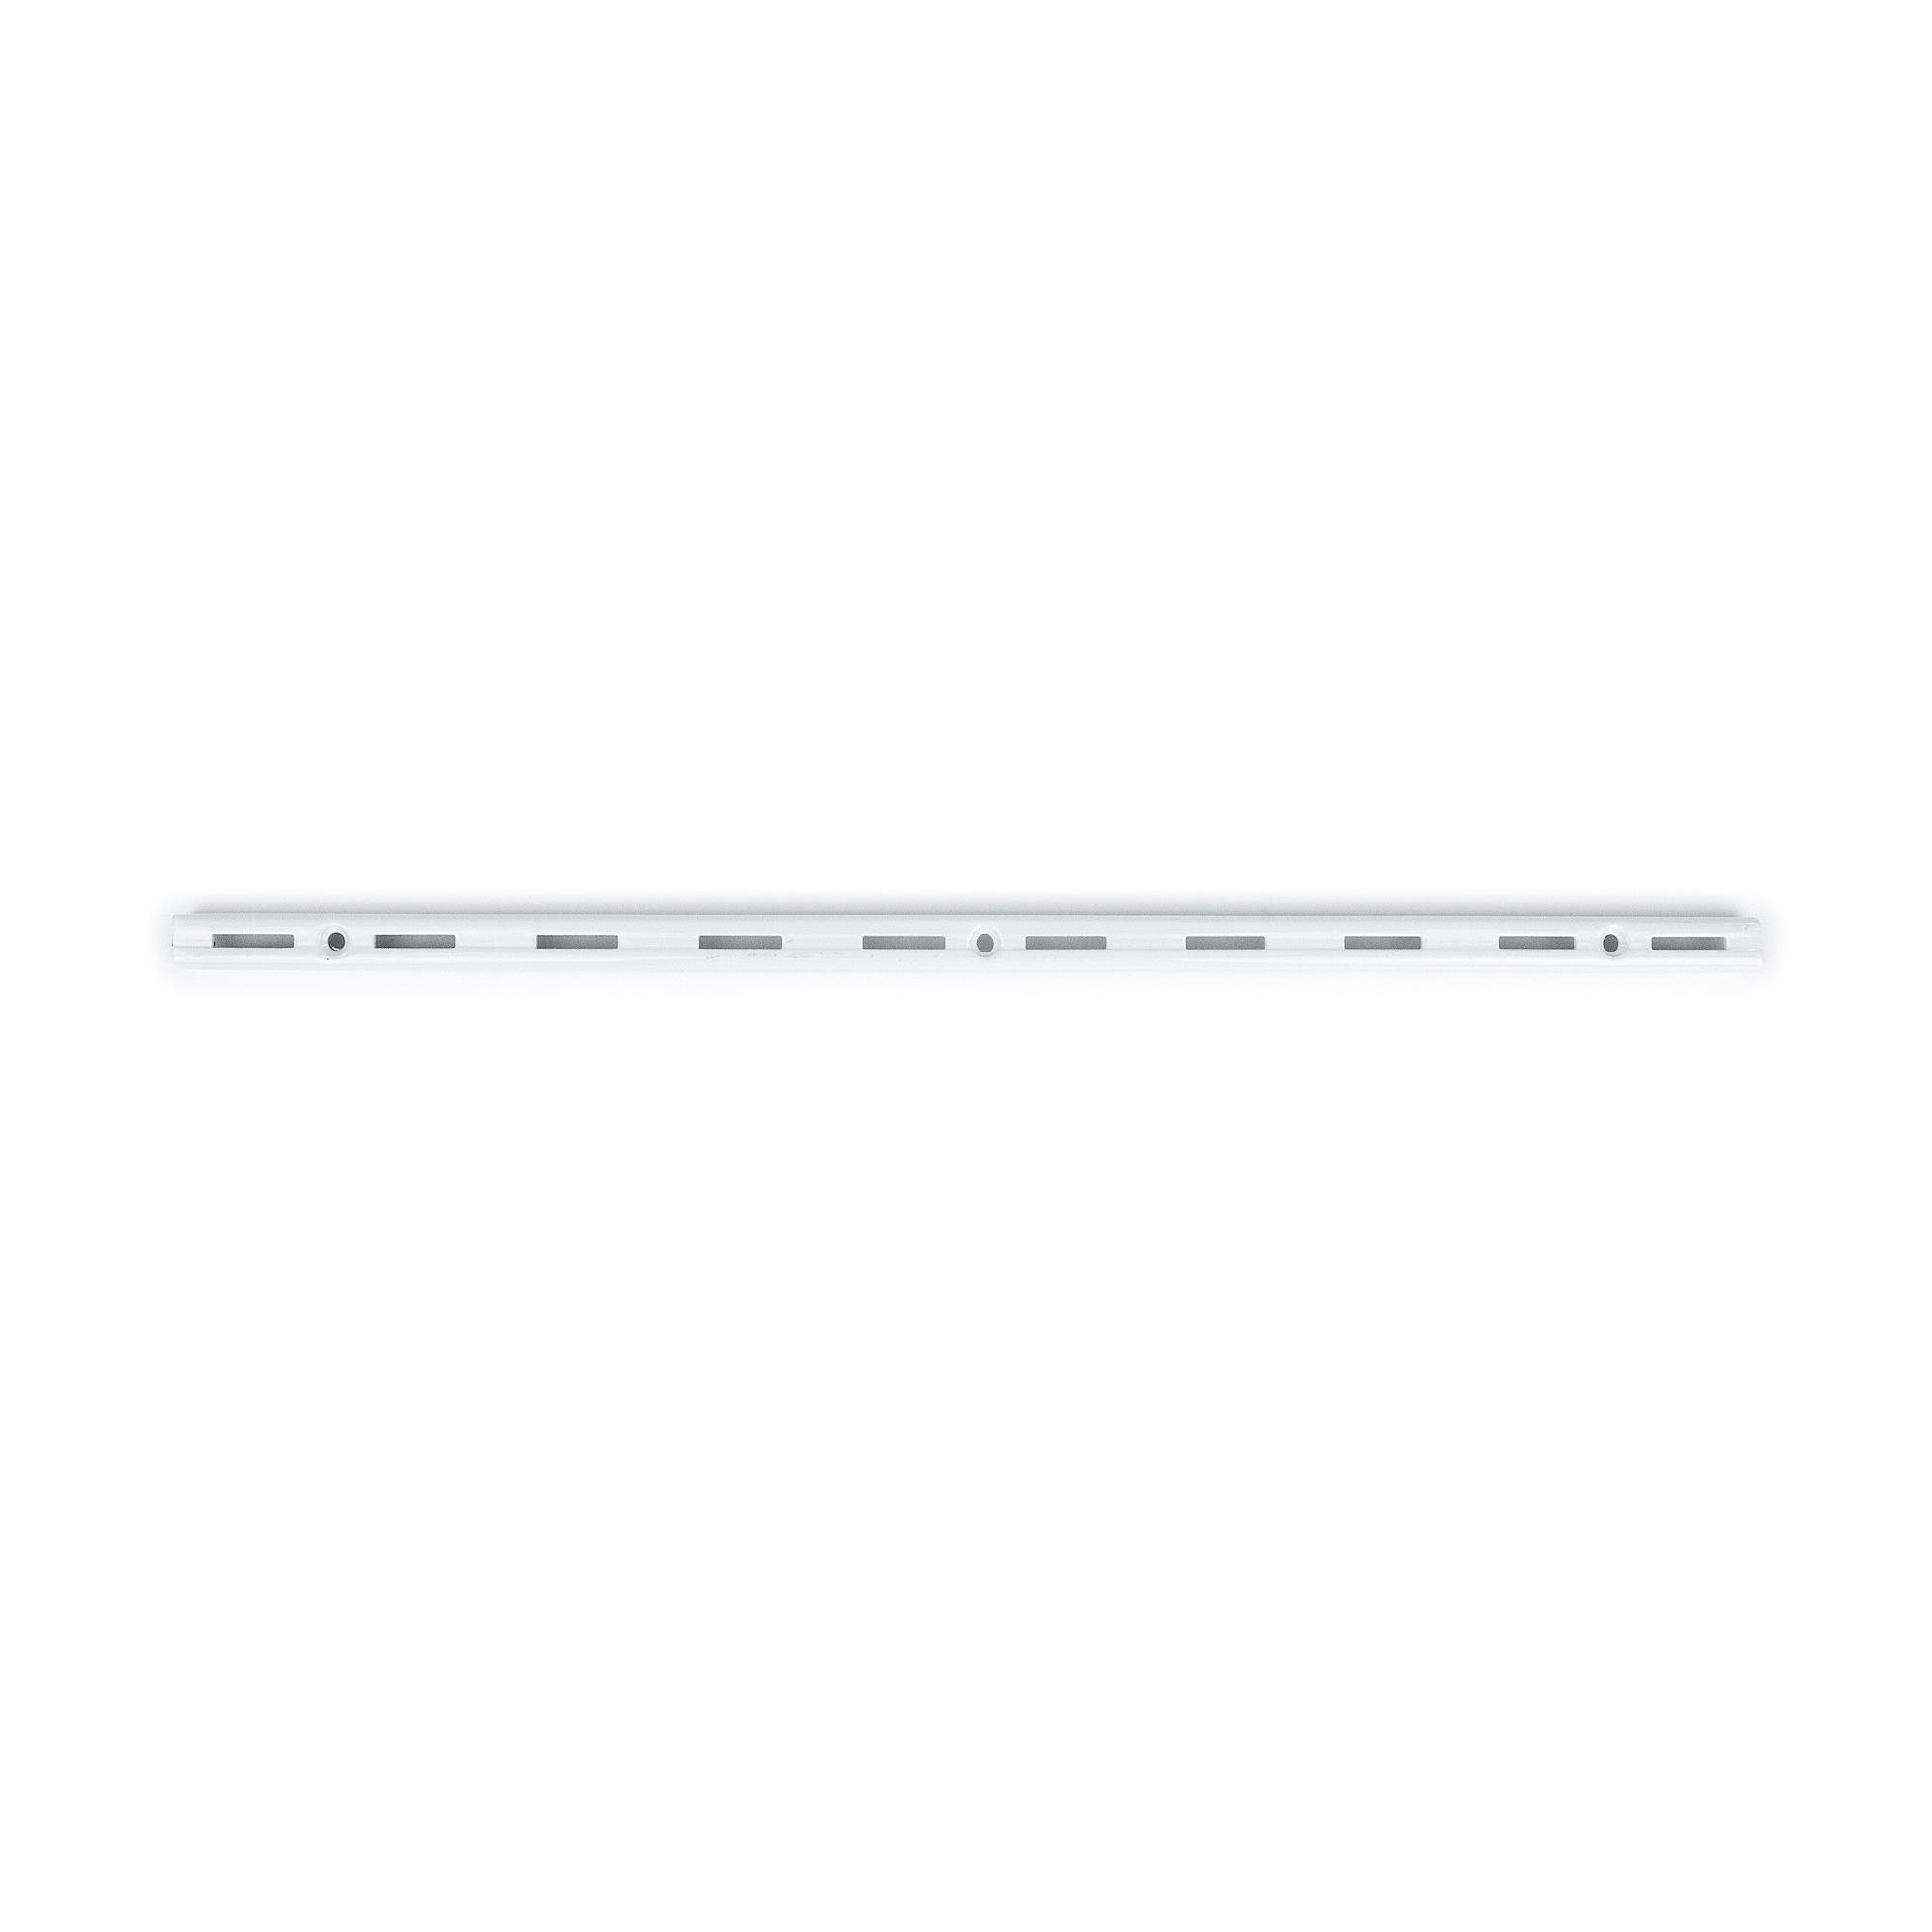 Trilho para prateleira de Aco Encaixe Simples 200cm Branco - Fico